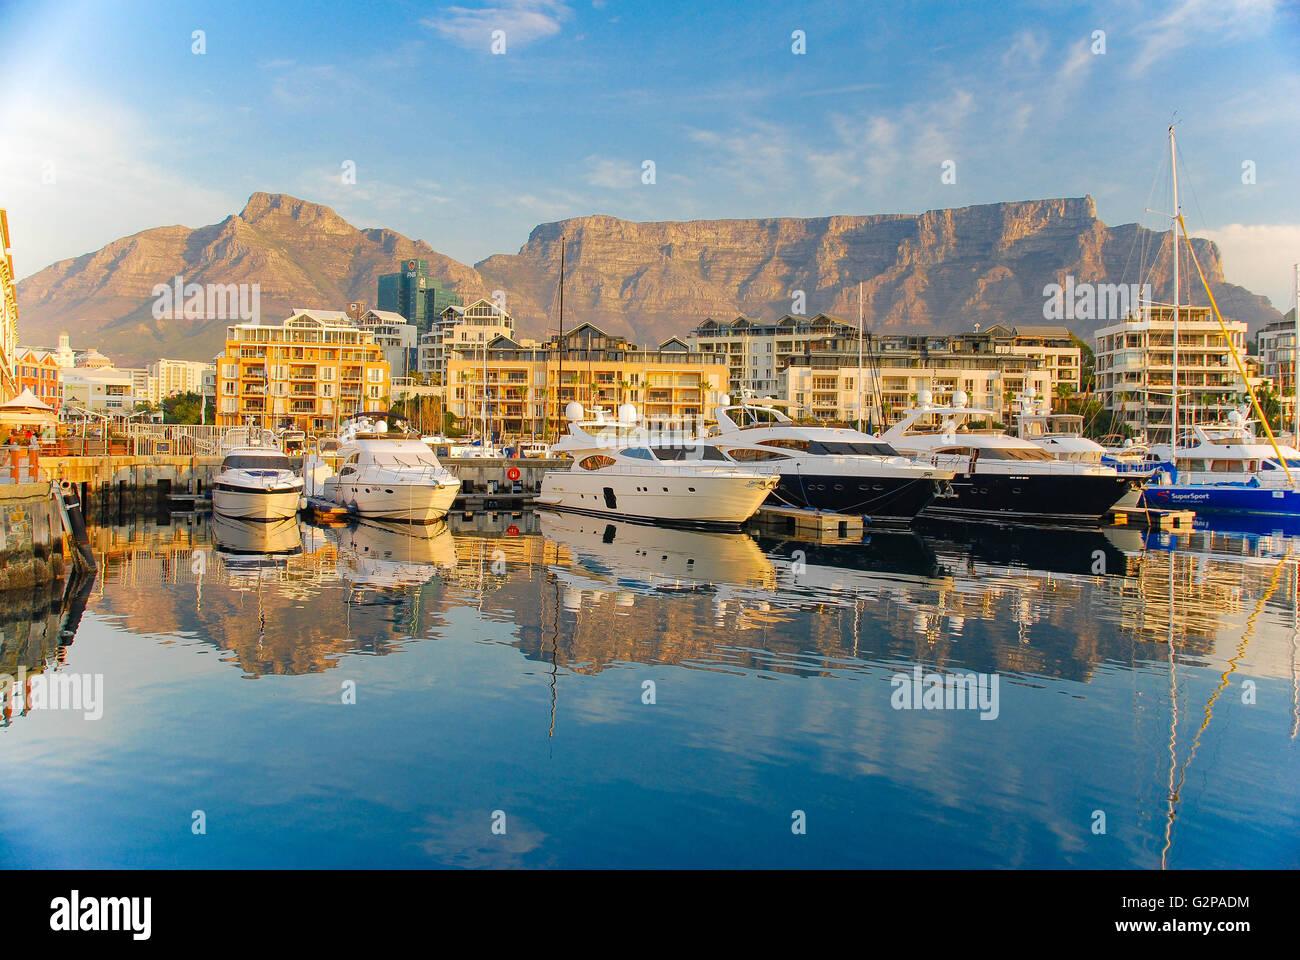 Table Mountain, Ciudad del Cabo, Sudáfrica Imagen De Stock